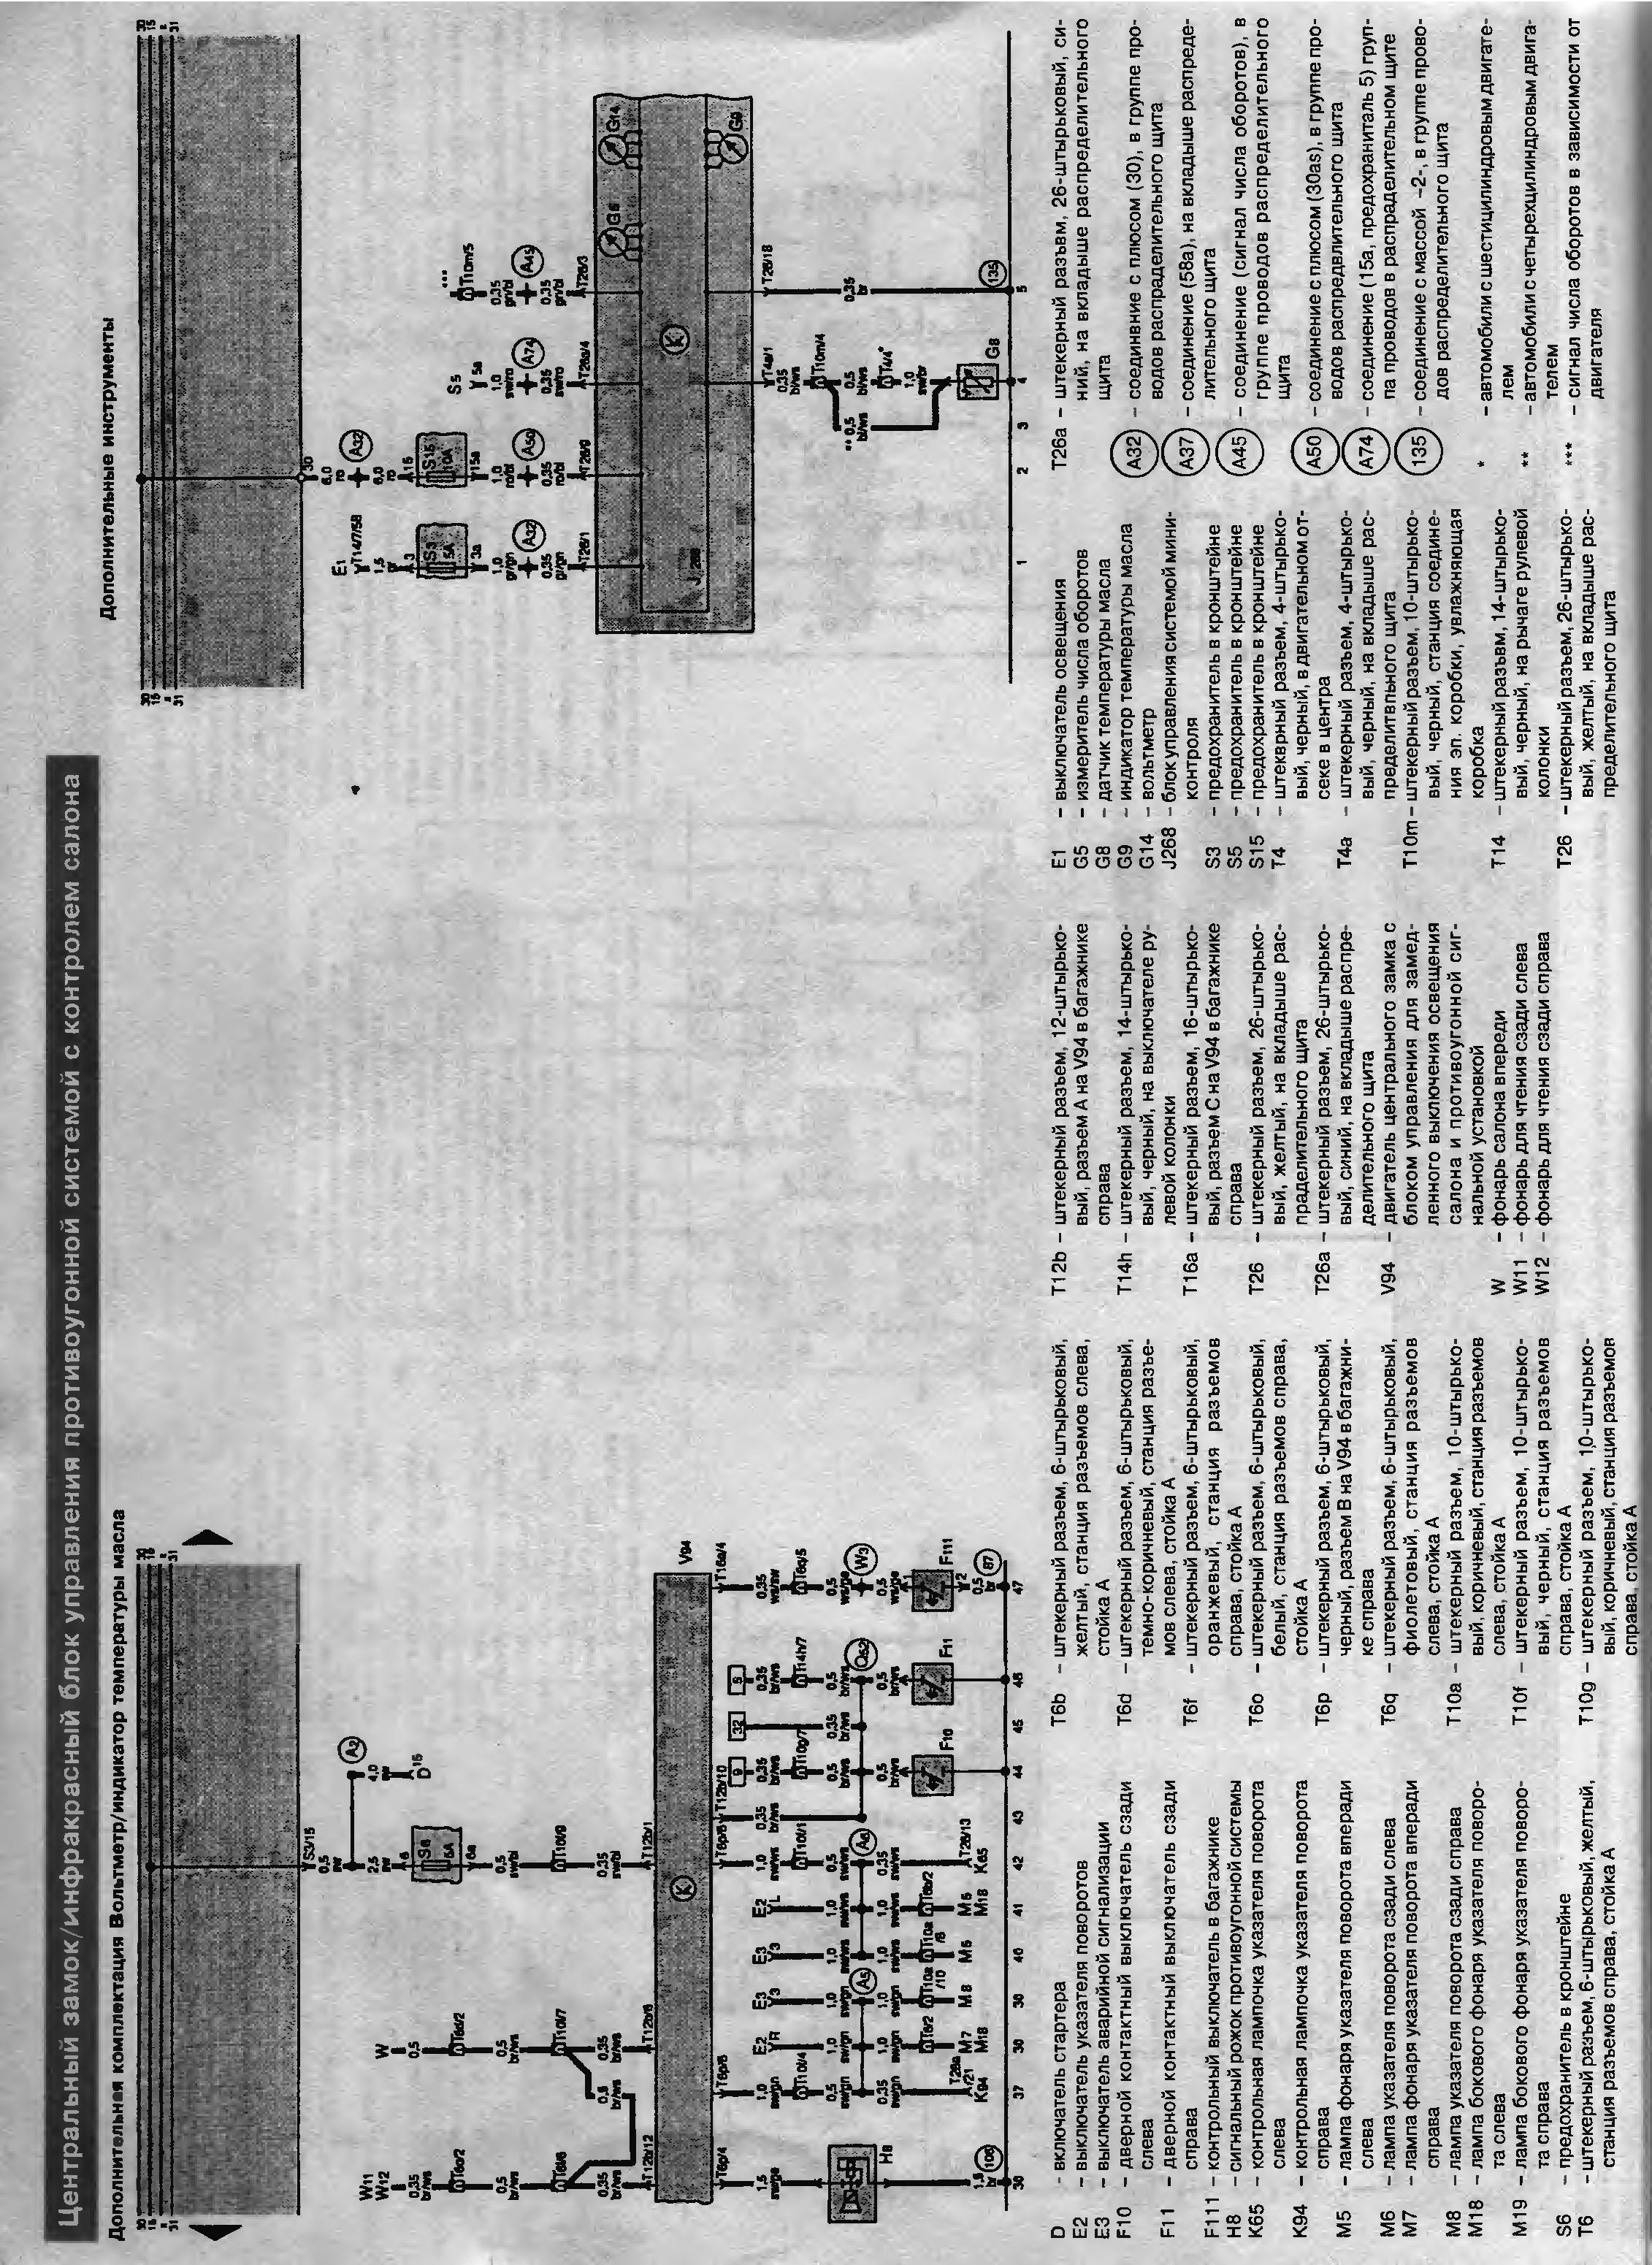 Схема электрооборудования ваз 21099 с 1994 года с карбюраторным, высокой приборов.